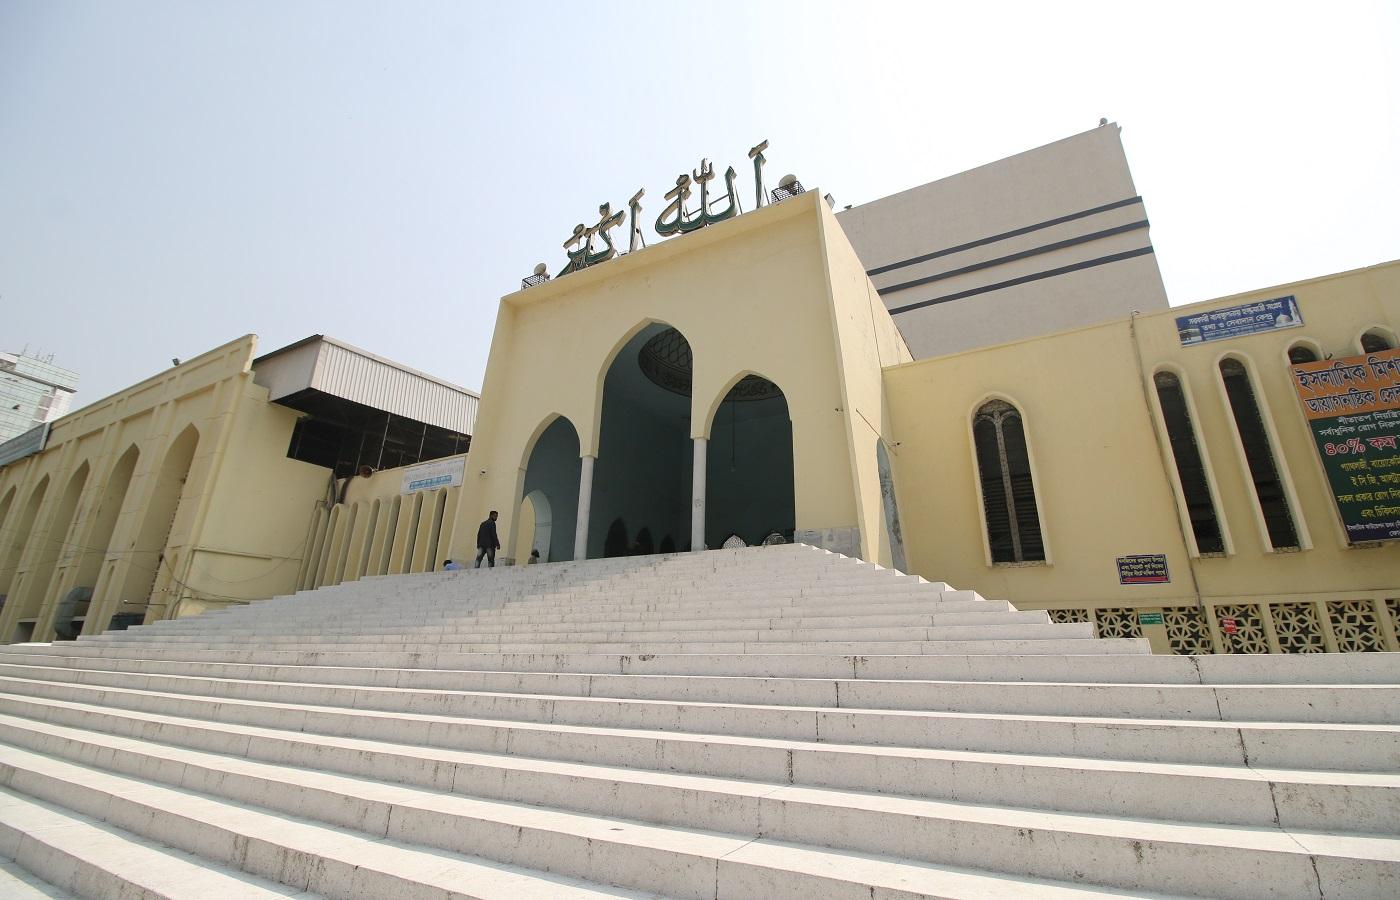 বায়তুল মোকাররম মসজিদ মার্কেট